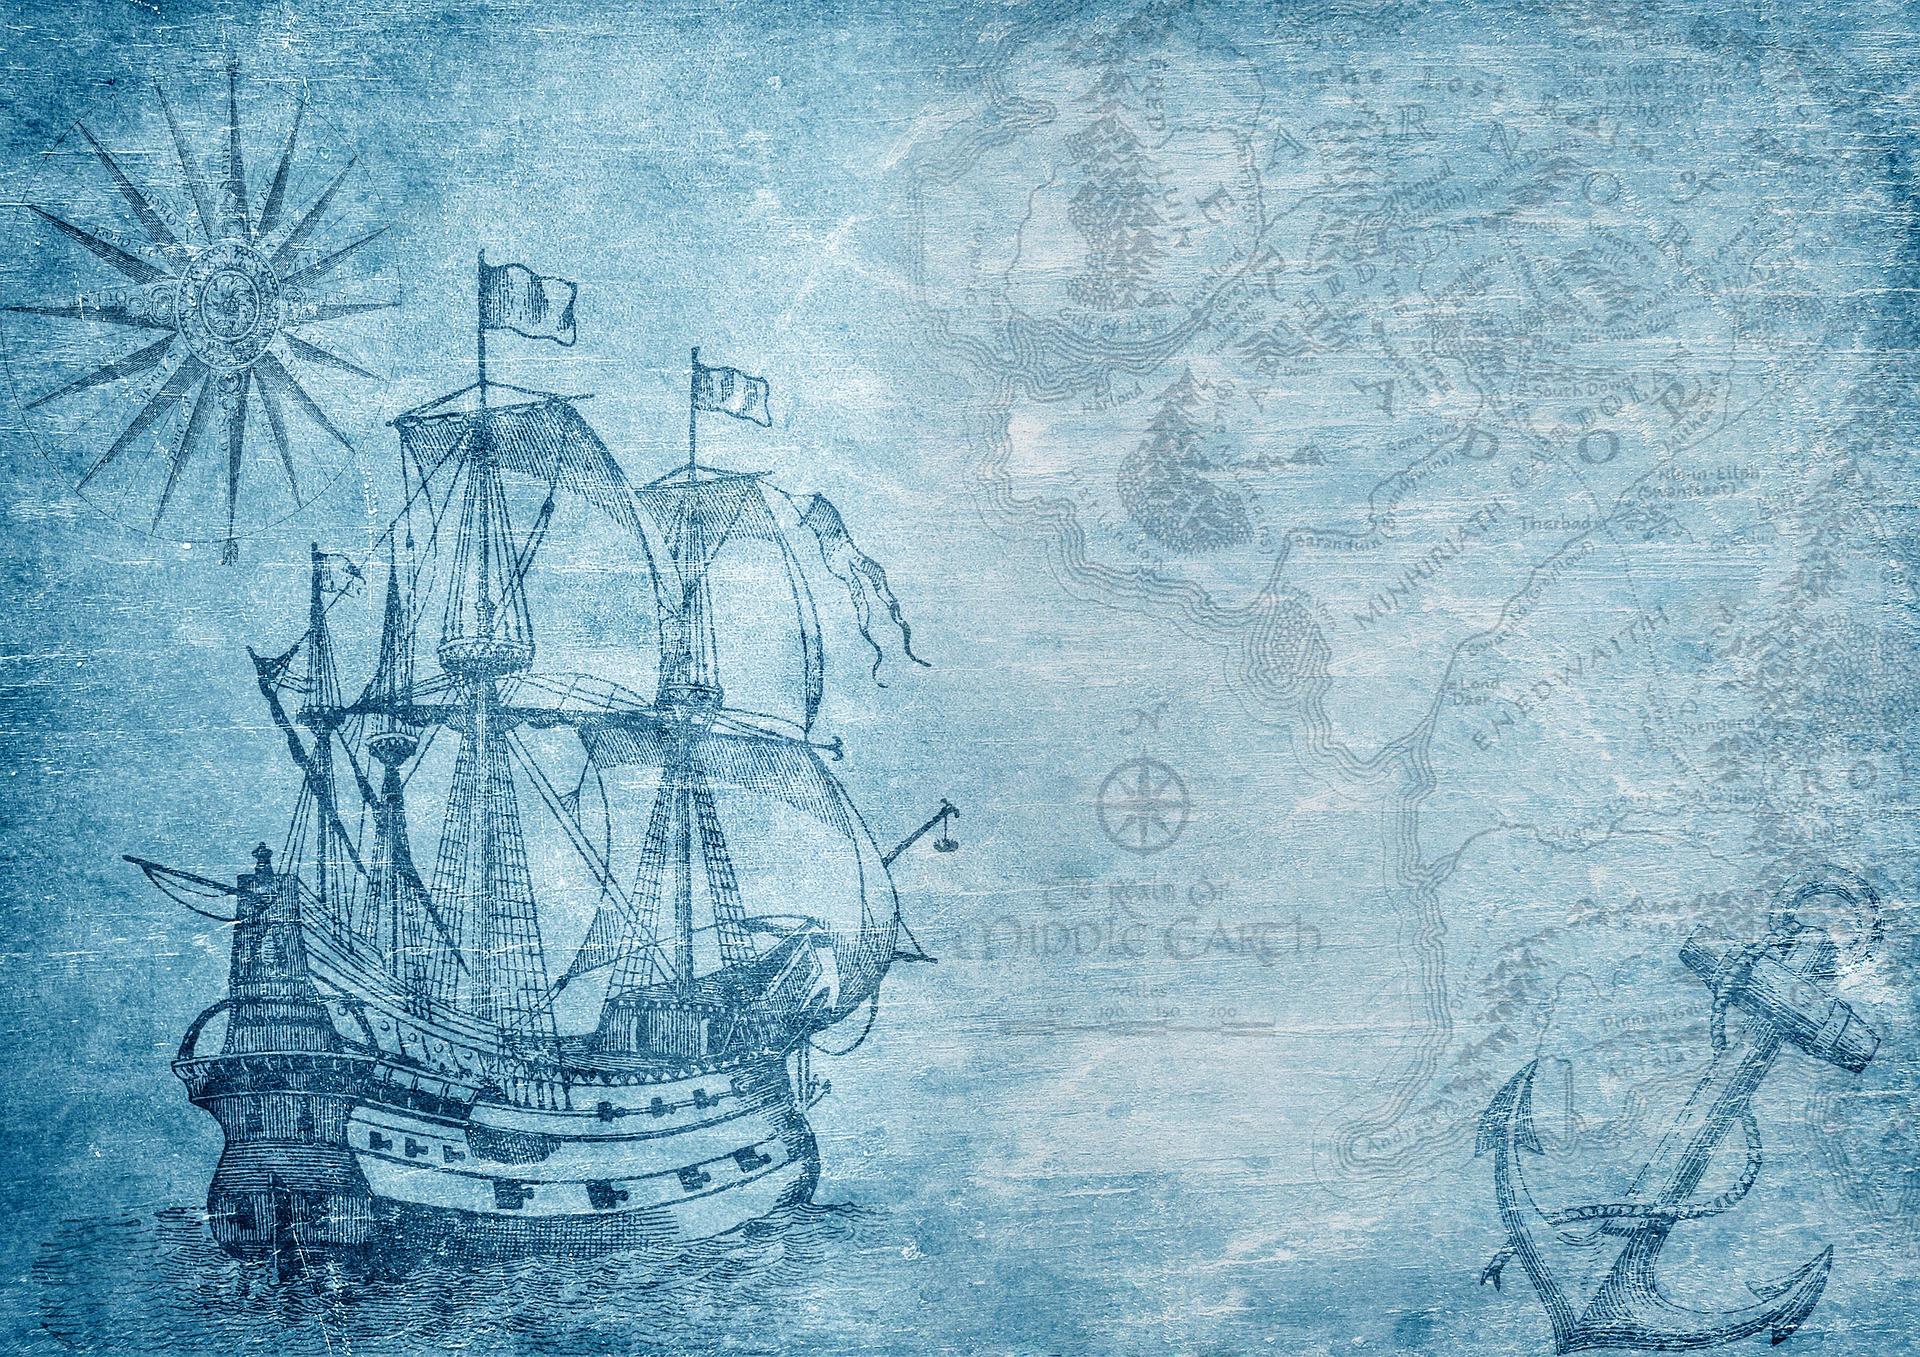 ship-3587946_1920